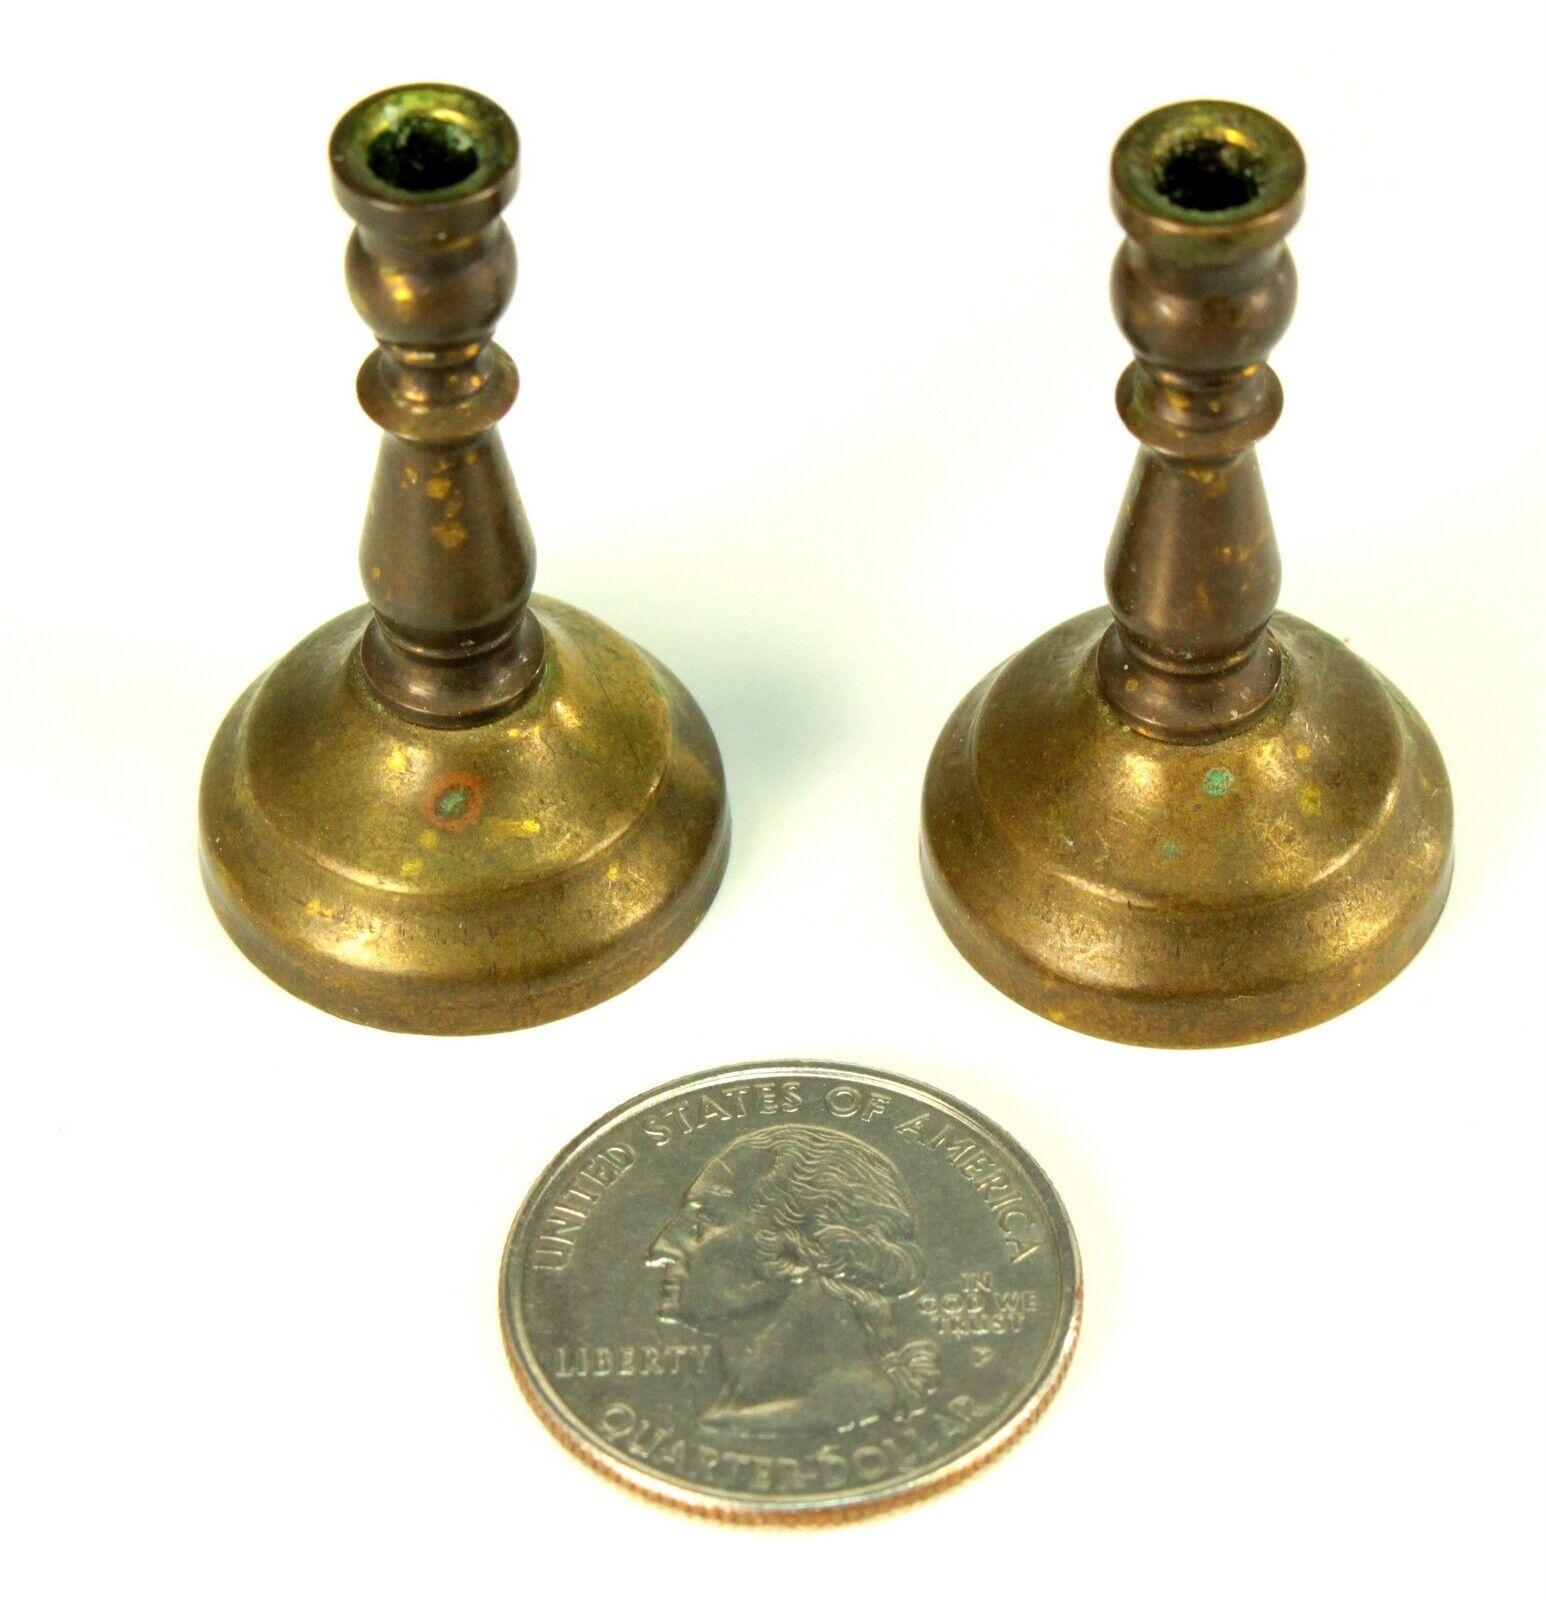 alta calidad  Antigua 19th C. sostenedores sostenedores sostenedores de vela de latón en miniatura casa muñeca Par Candelabros  respuestas rápidas